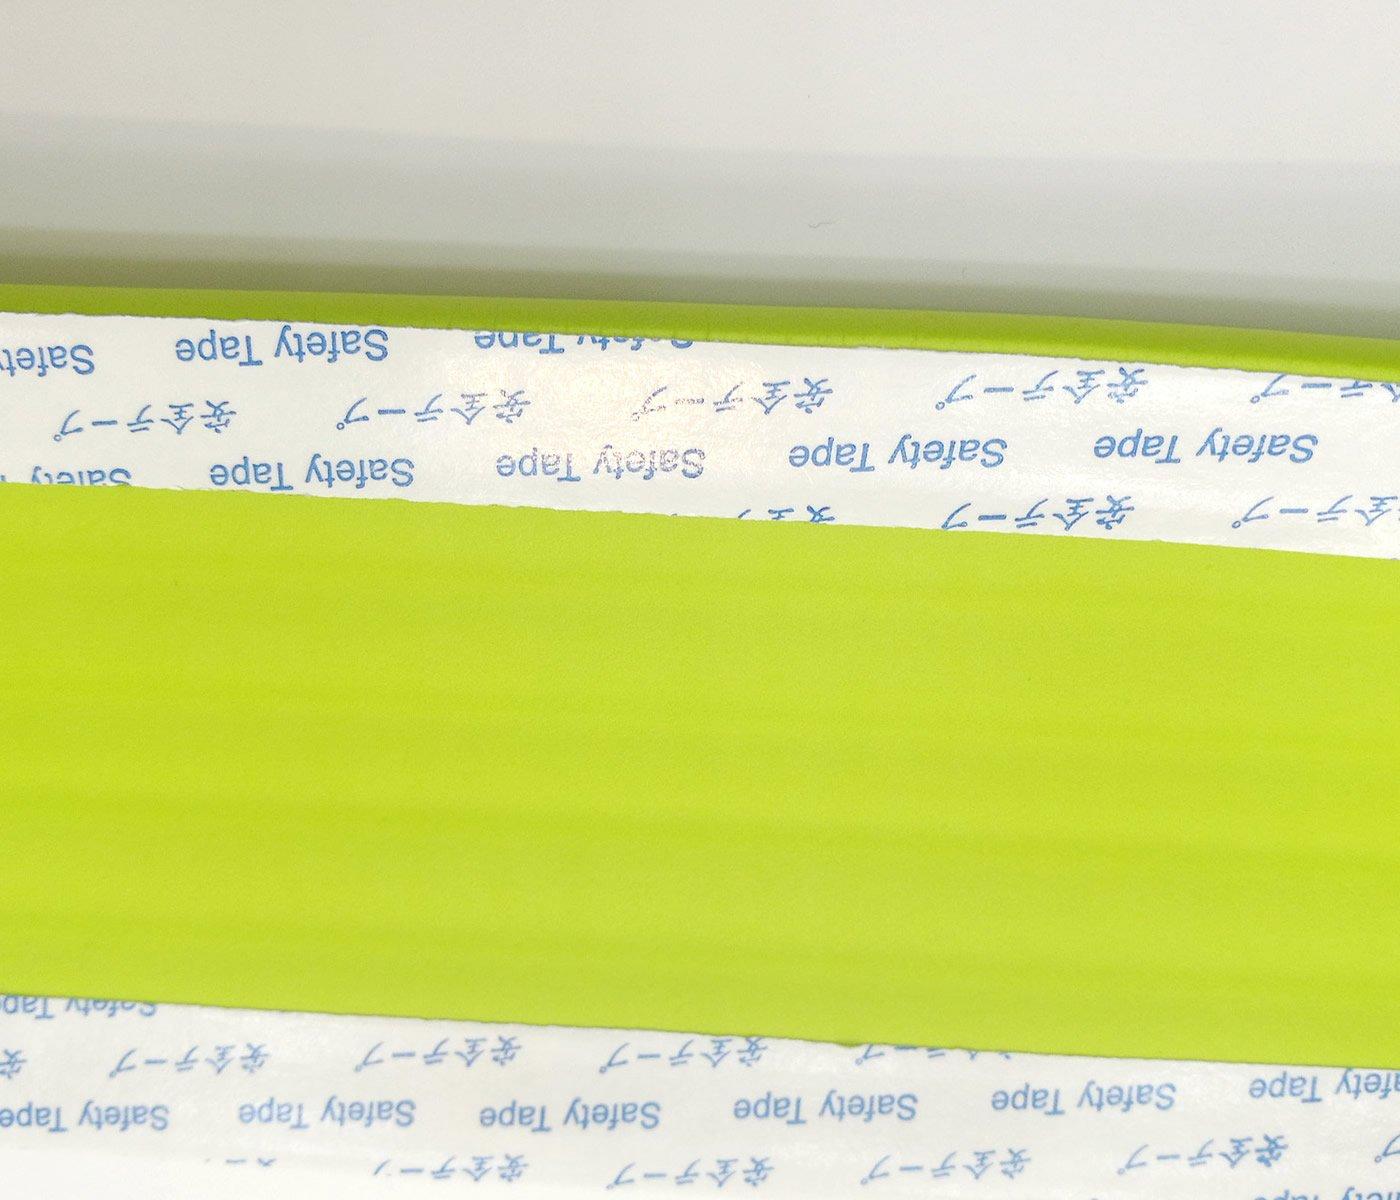 TUKA Multiusos Protector Espuma 200cm x 80mm x 8mm Universal anticolisi/ón Protector Rollo Para Superficie dura /& Bordes Azul anticolisi/ón Protecci/ón tira para Beb/és y ni/ños TKD7002-blue